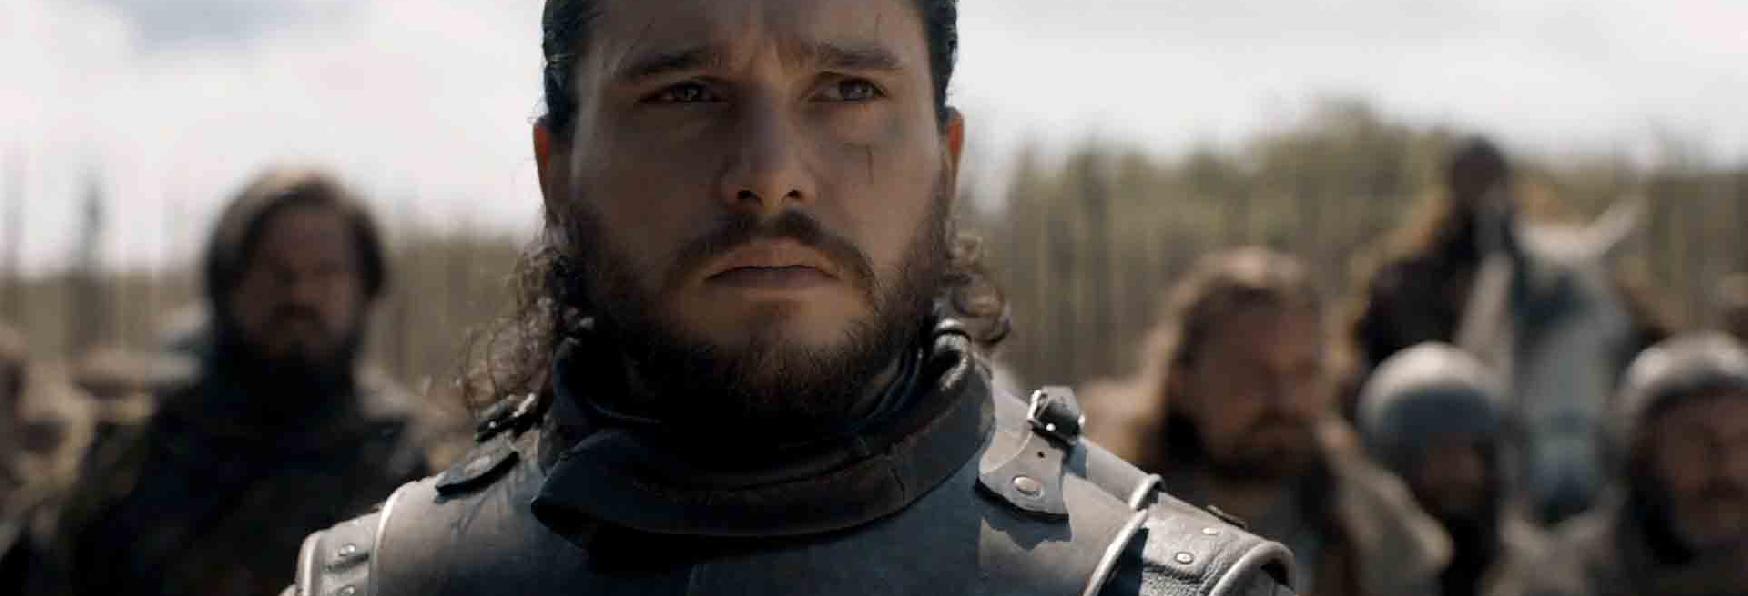 Game of Thrones: il Teaser Trailer dell'Episodio 8x05, il Penultimo della Serie